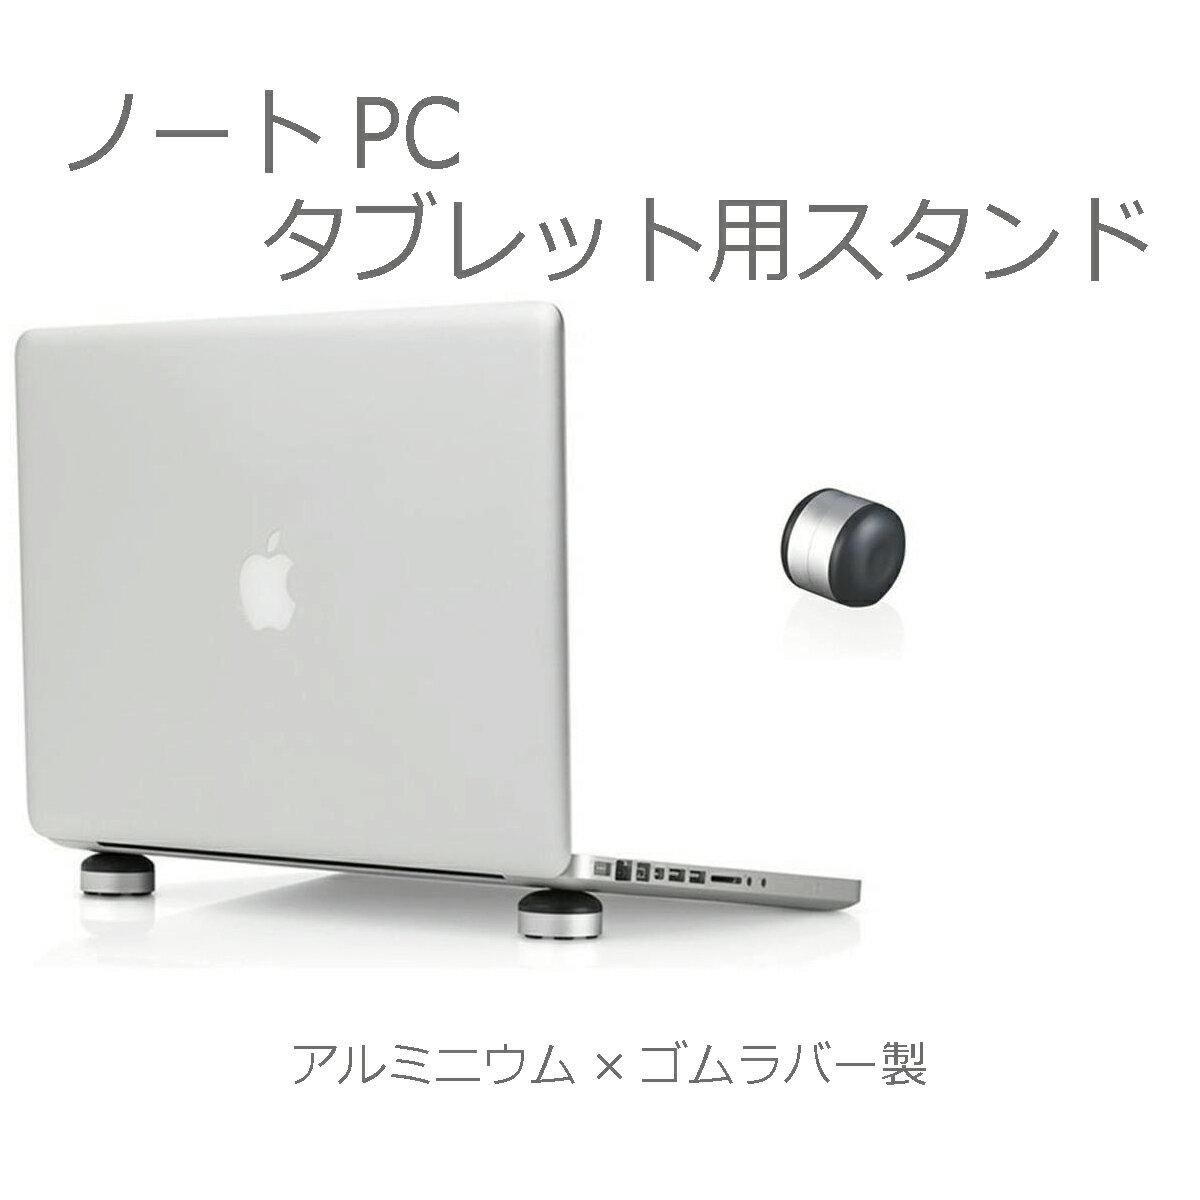 【送料無料】ノートPC タブレット用 スタンド アルミニウム ゴム ラバースタンド ノートパソコン スタンド コンパクト 放熱